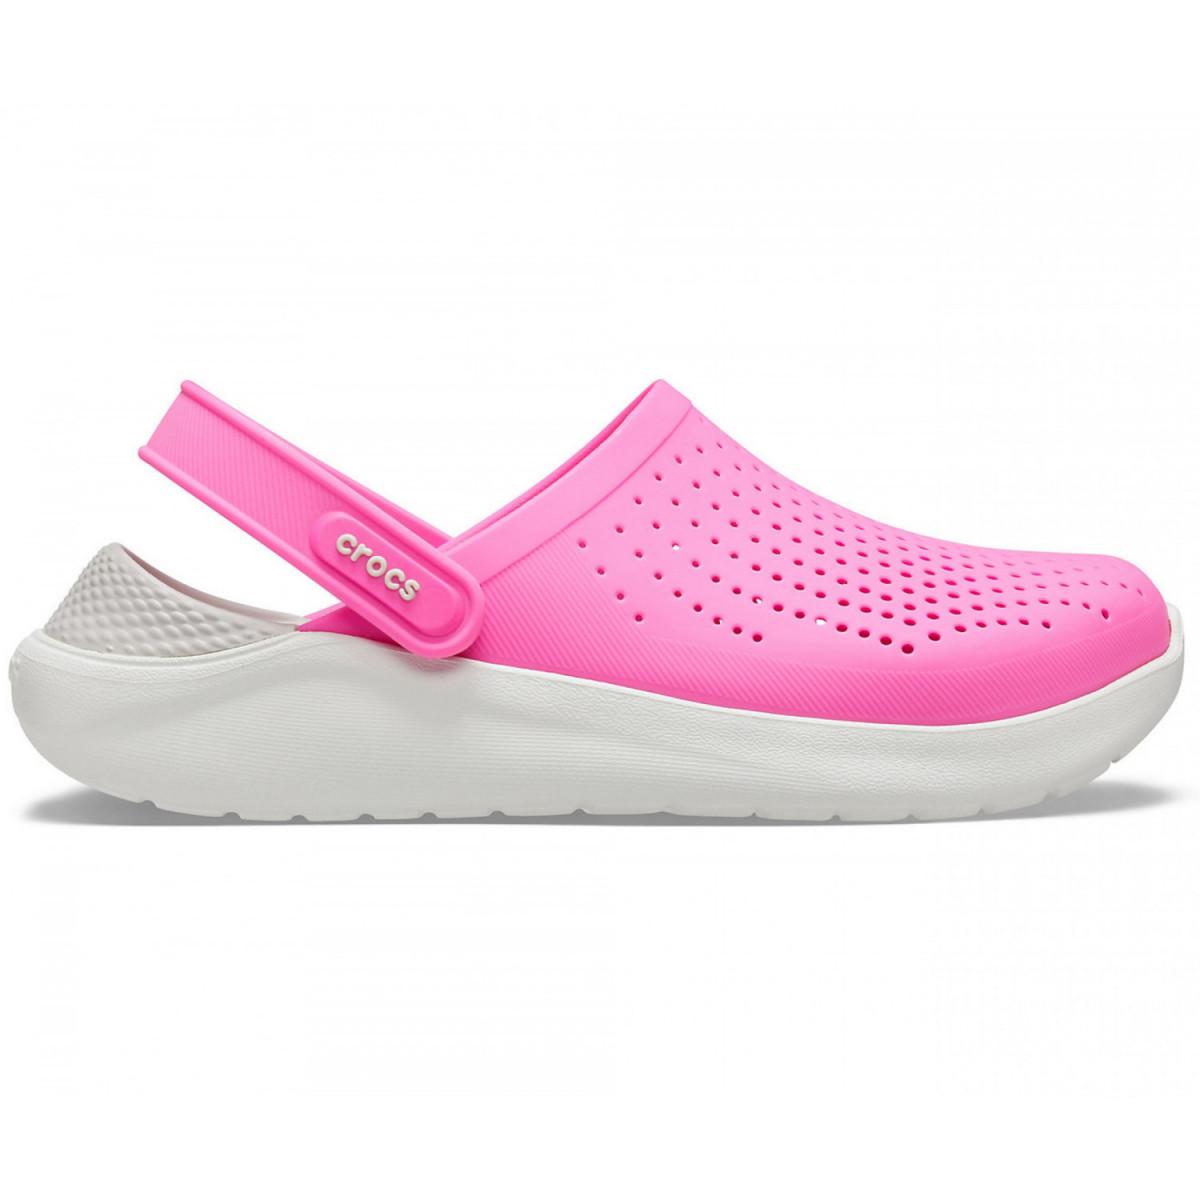 Кроксы сабо Женские Lite Ride Clog Electric Pink/ M4-W6 36-37 22,1 см Розовый